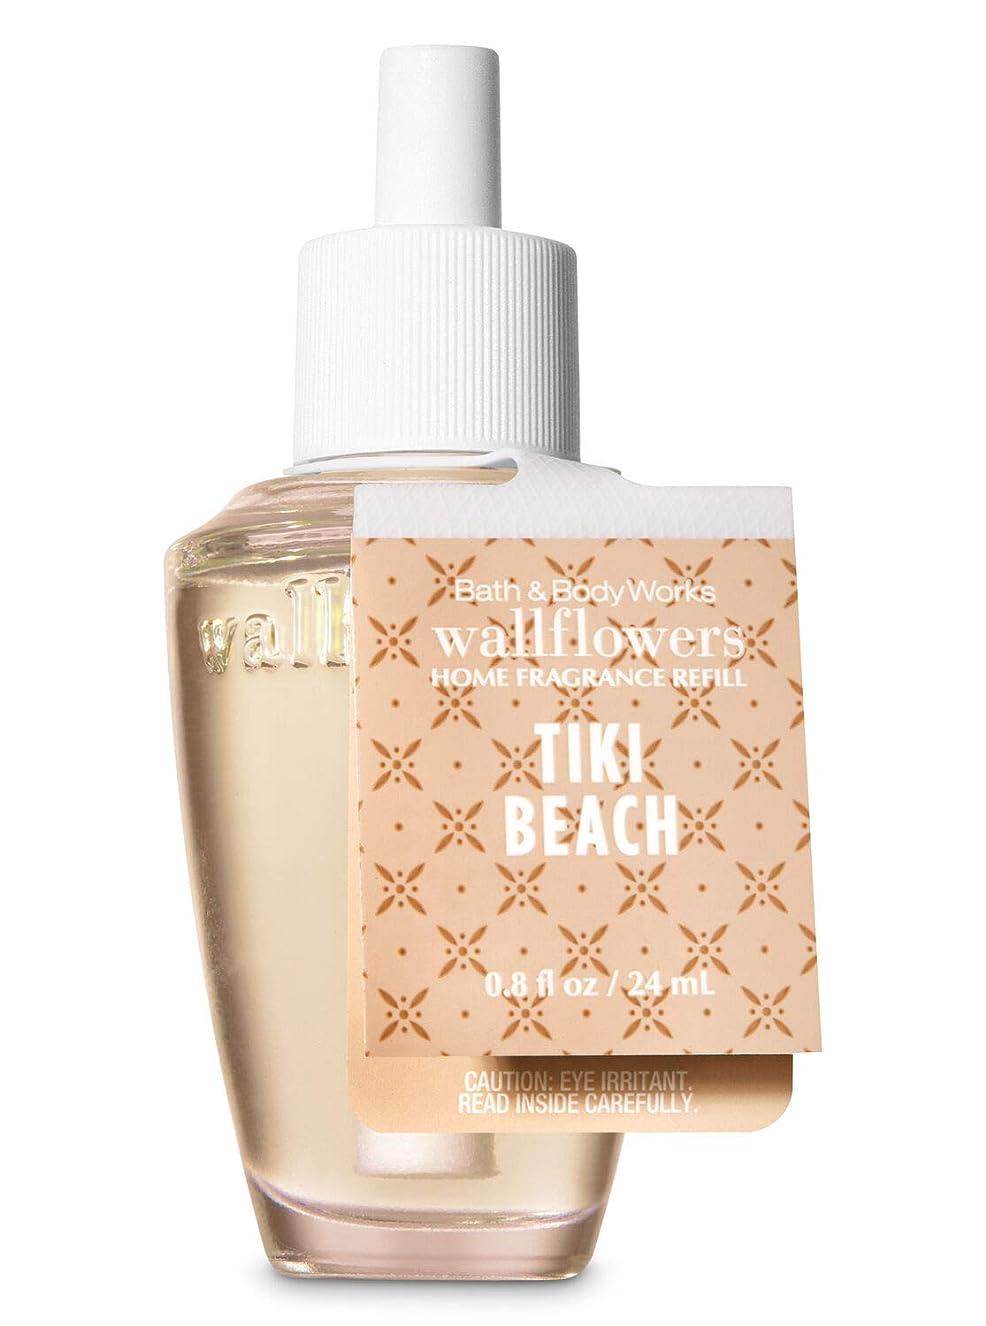 準備する発動機冊子【Bath&Body Works/バス&ボディワークス】 ルームフレグランス 詰替えリフィル ティキビーチ Wallflowers Home Fragrance Refill Tiki Beach [並行輸入品]